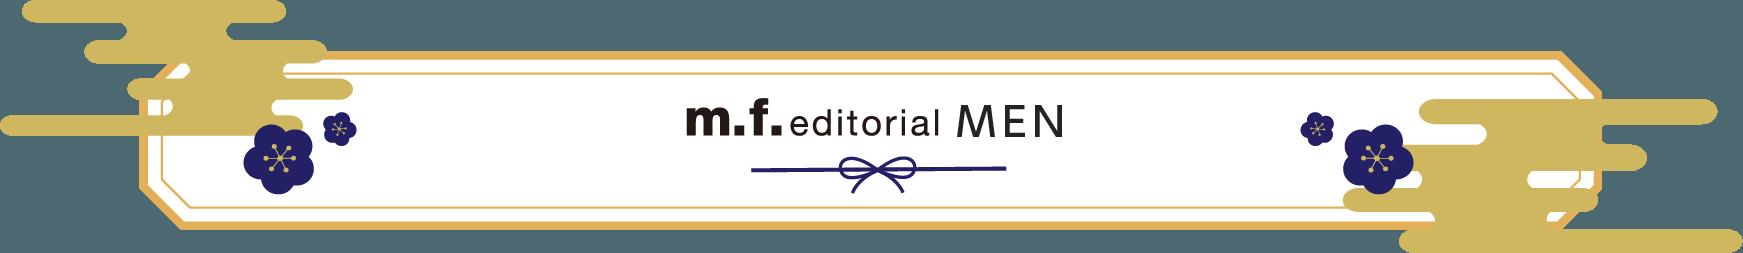 mf.editorial men